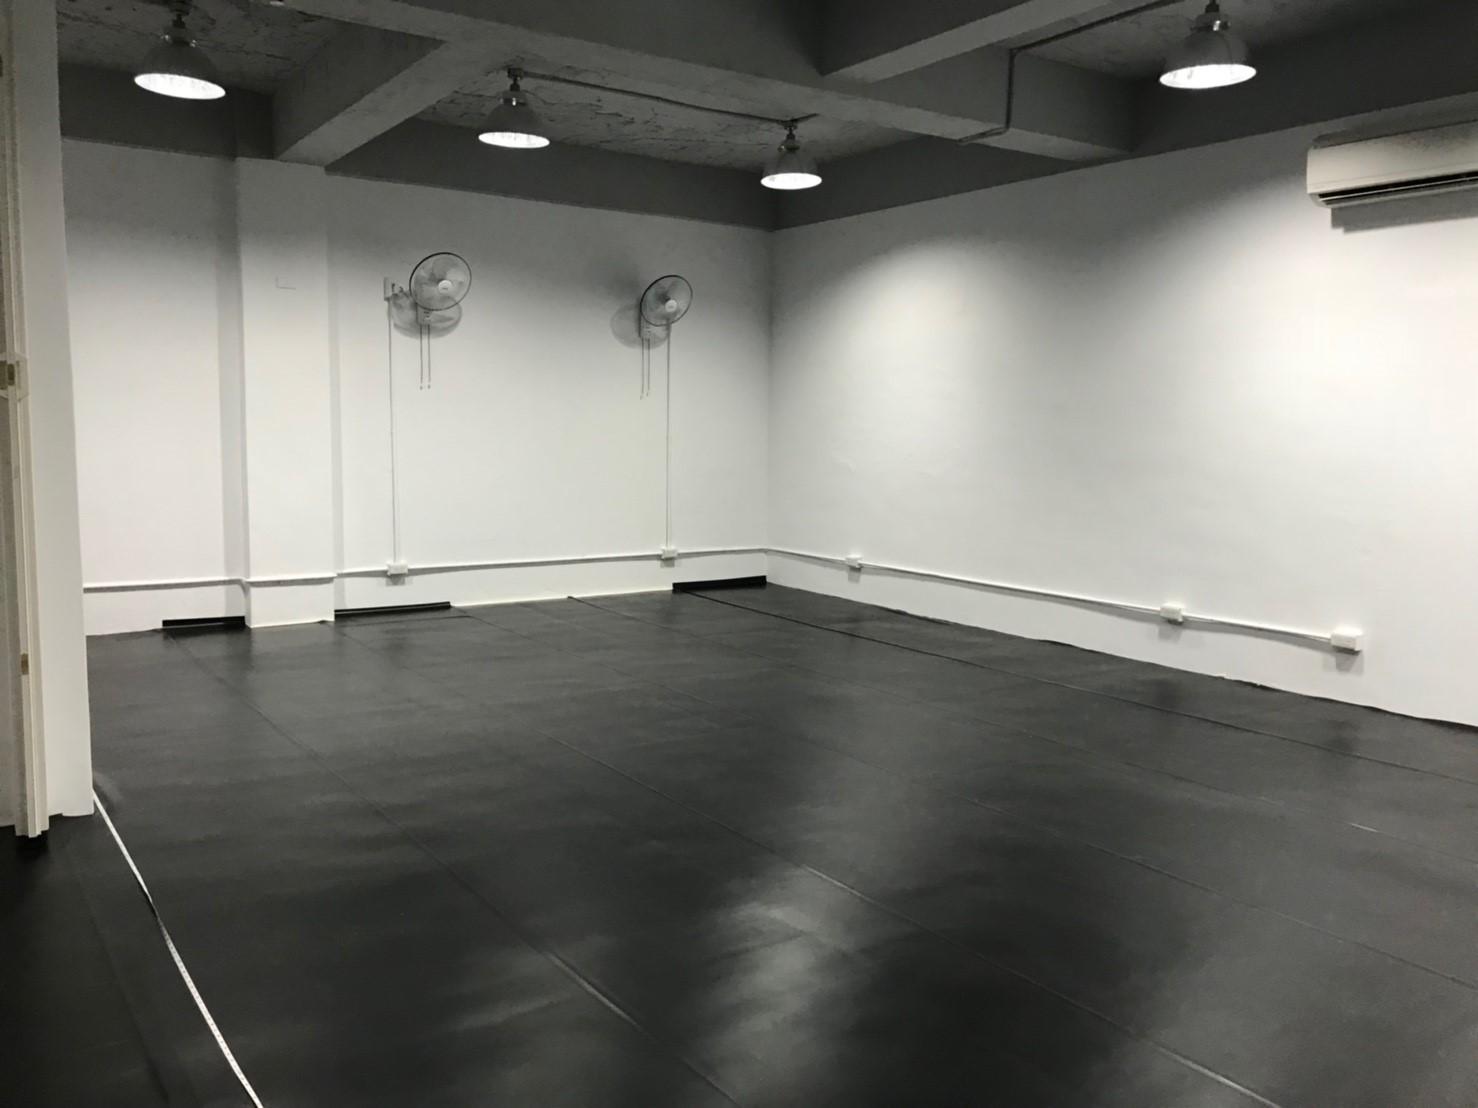 排練場黑膠區域示意圖